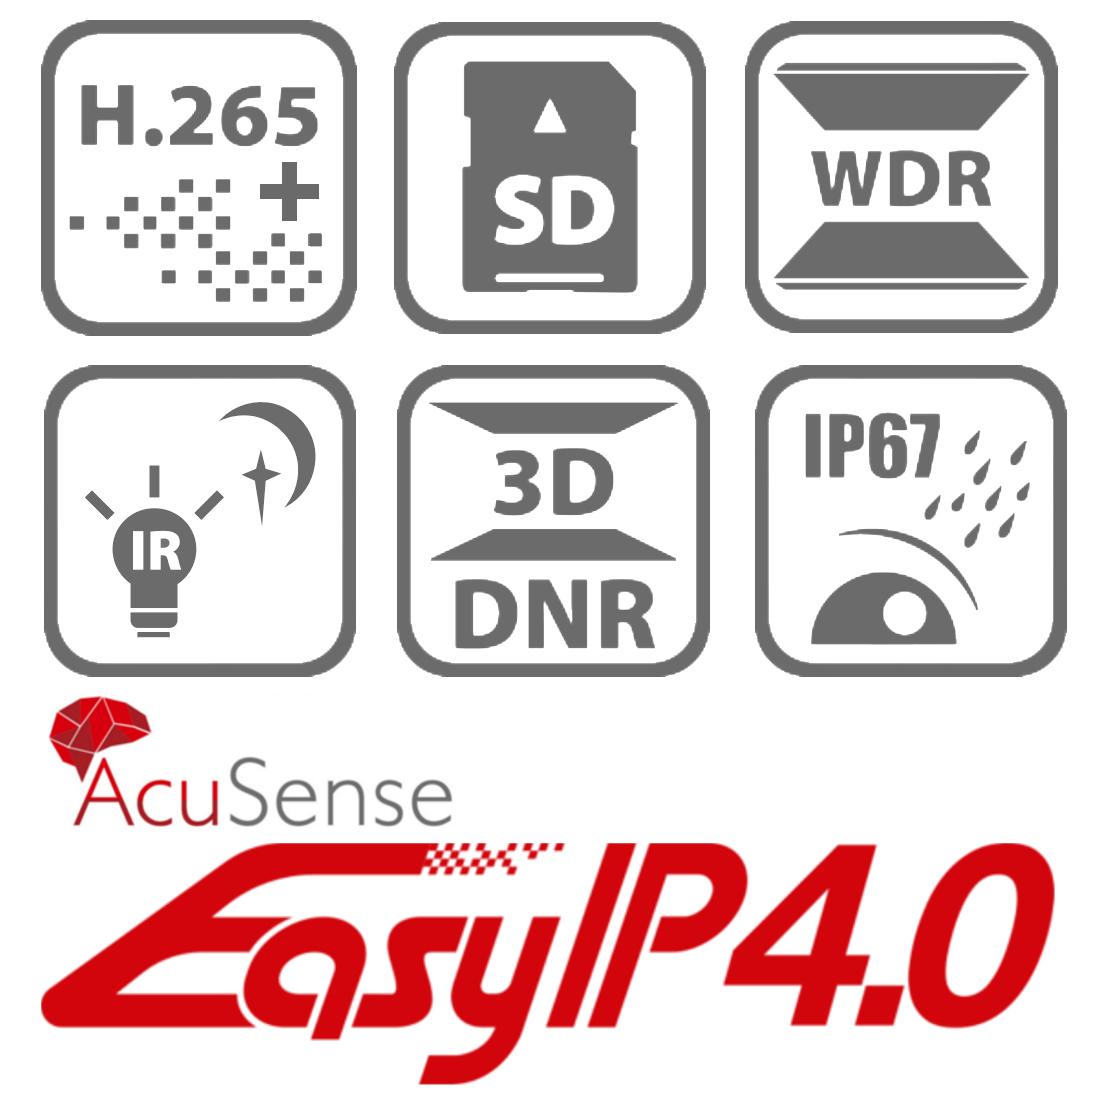 DS-2CD2146G2-I - Najważniejsze cechy kamery.